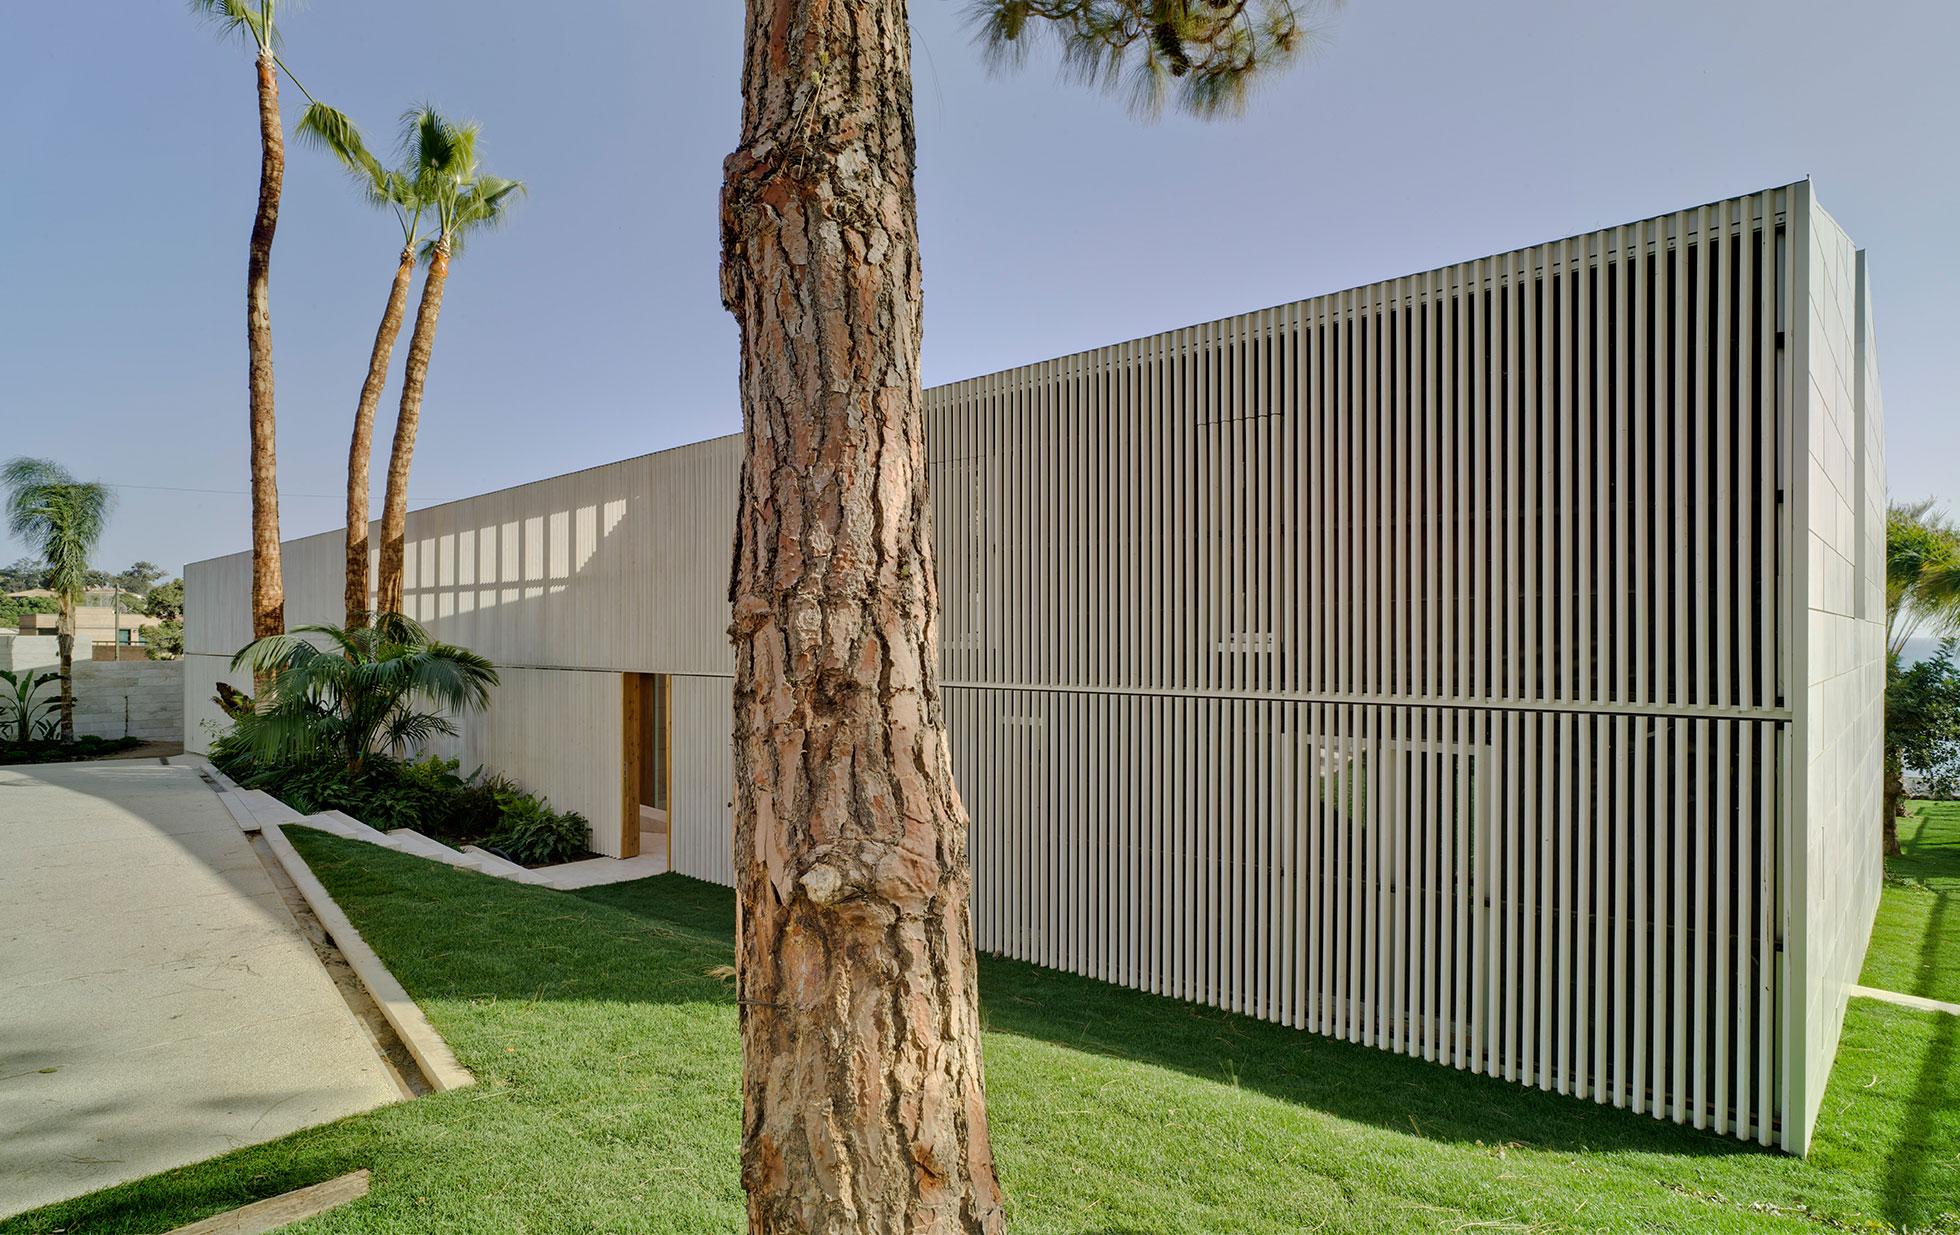 Vivienda Unifamiliar. Casa Catamarán. Casa ecológica en Alicante. Arquitectos Alicante. Arquitectos Altea. eneseis Arquitectura